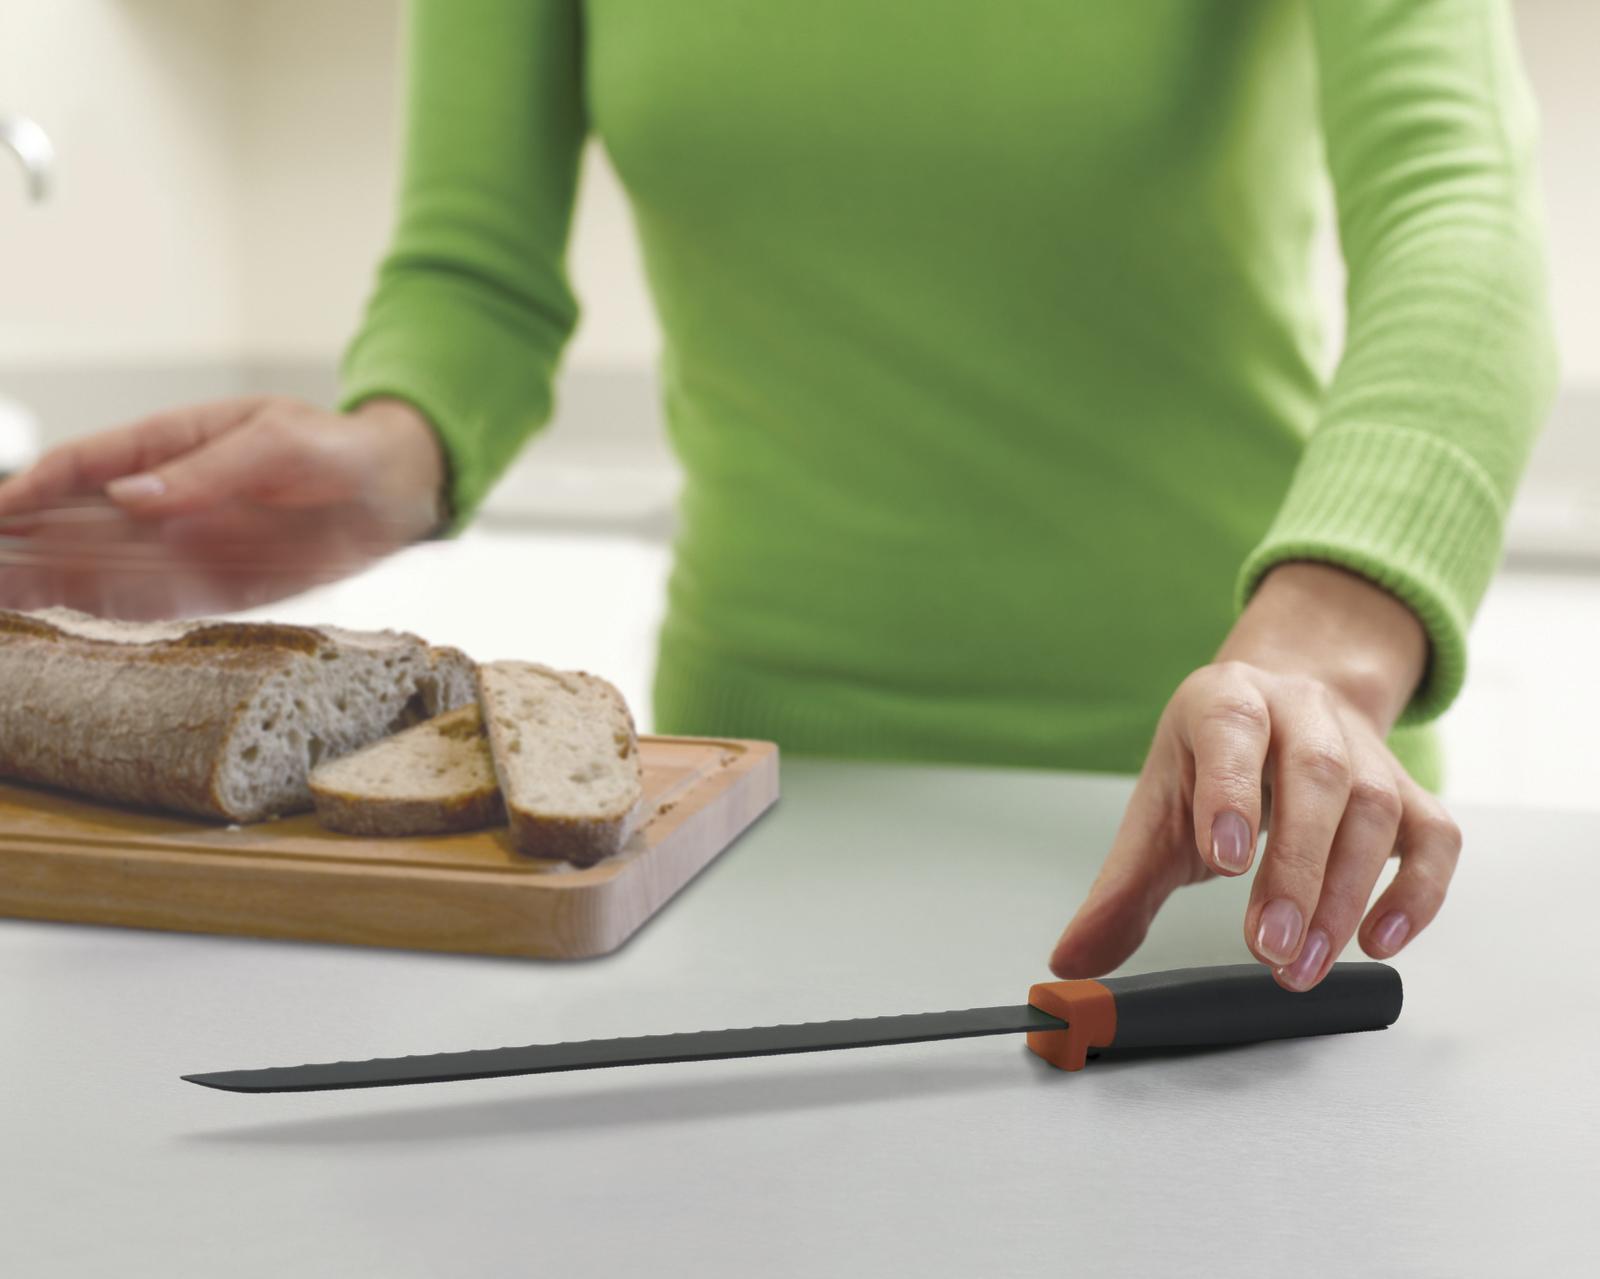 Нож для хлеба на столе